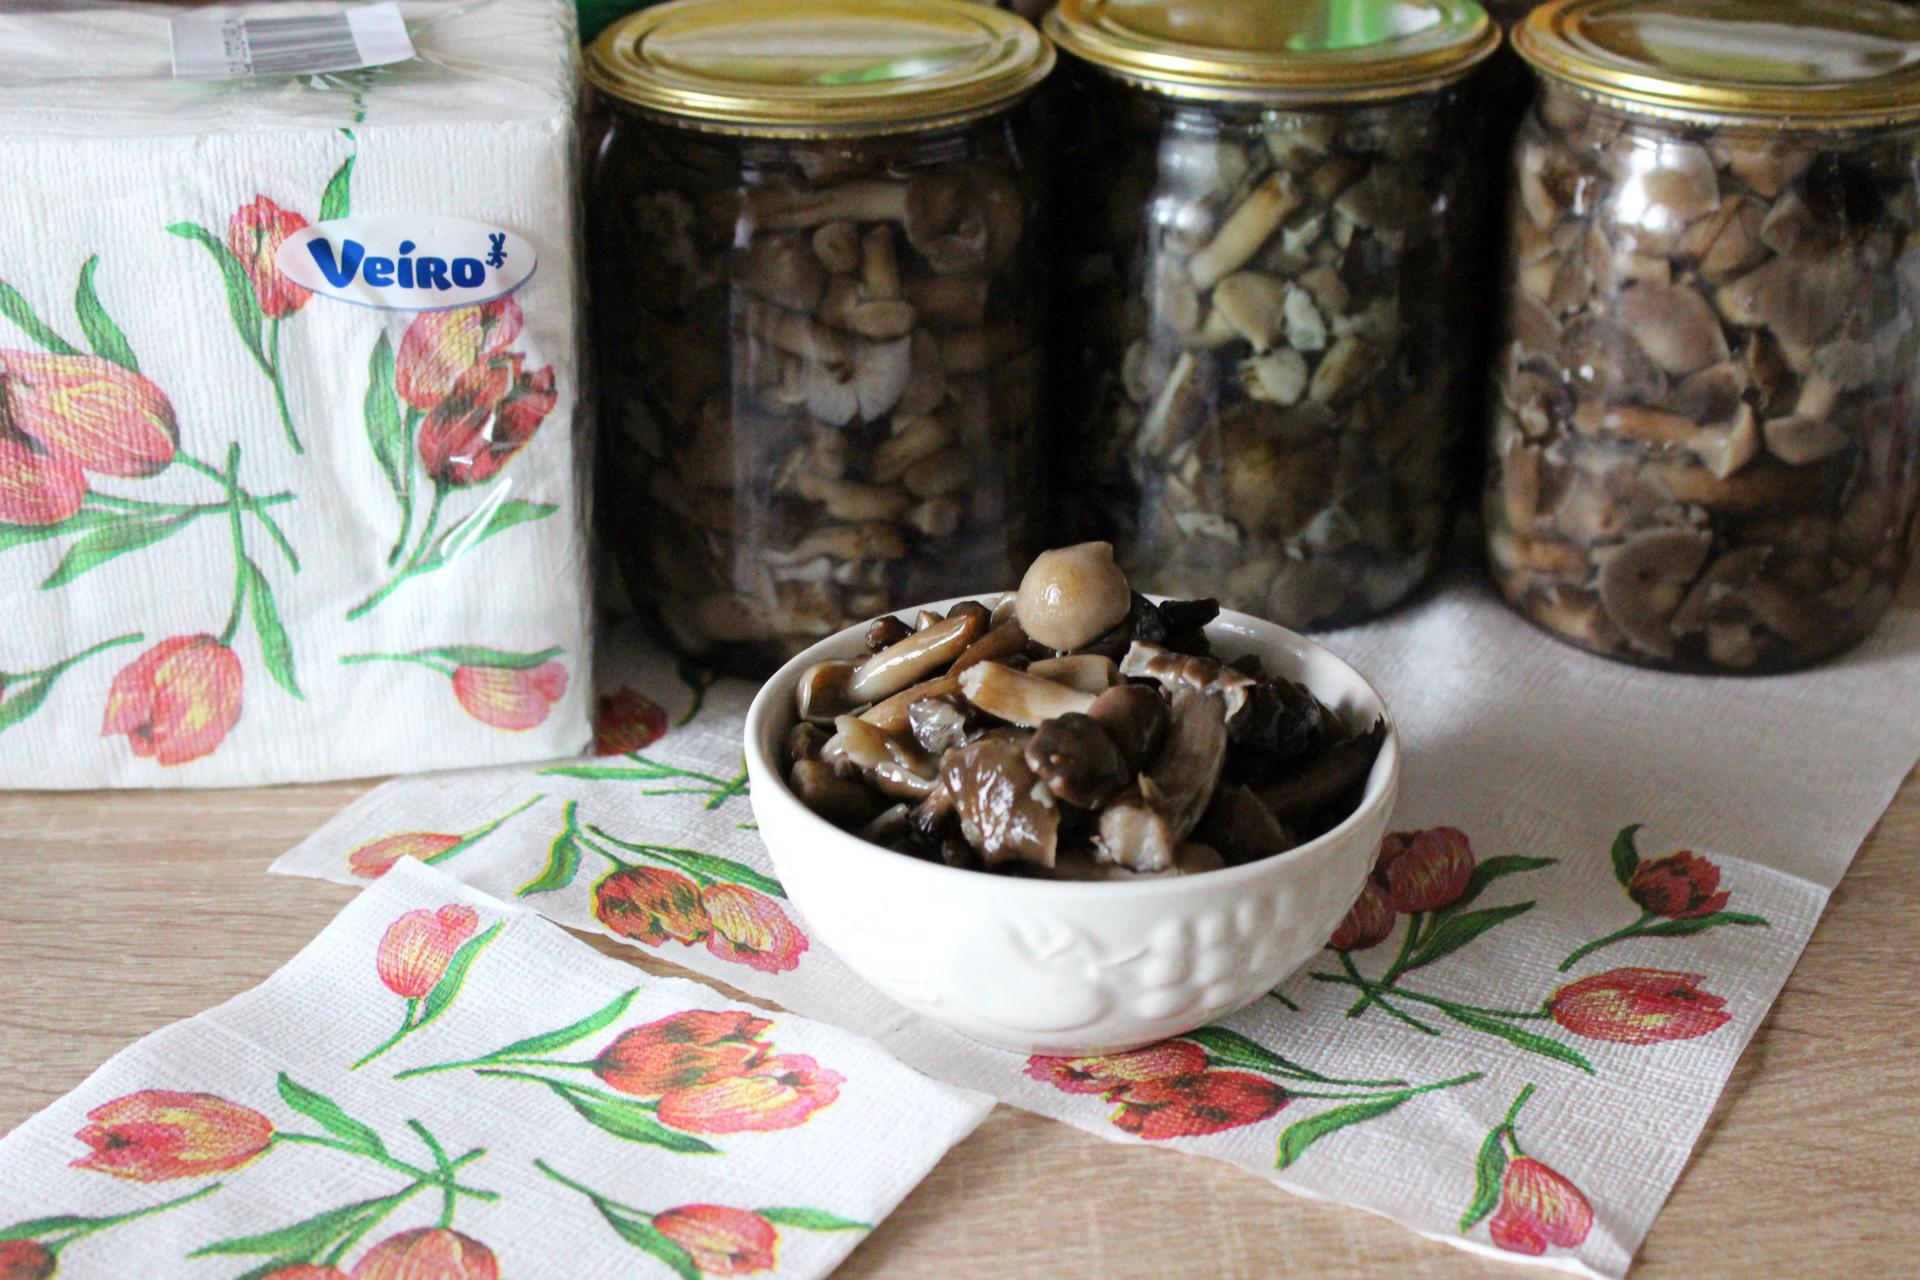 как приготовить осенние опята в маринаде из мёда и гвоздики? Рецепт + фото